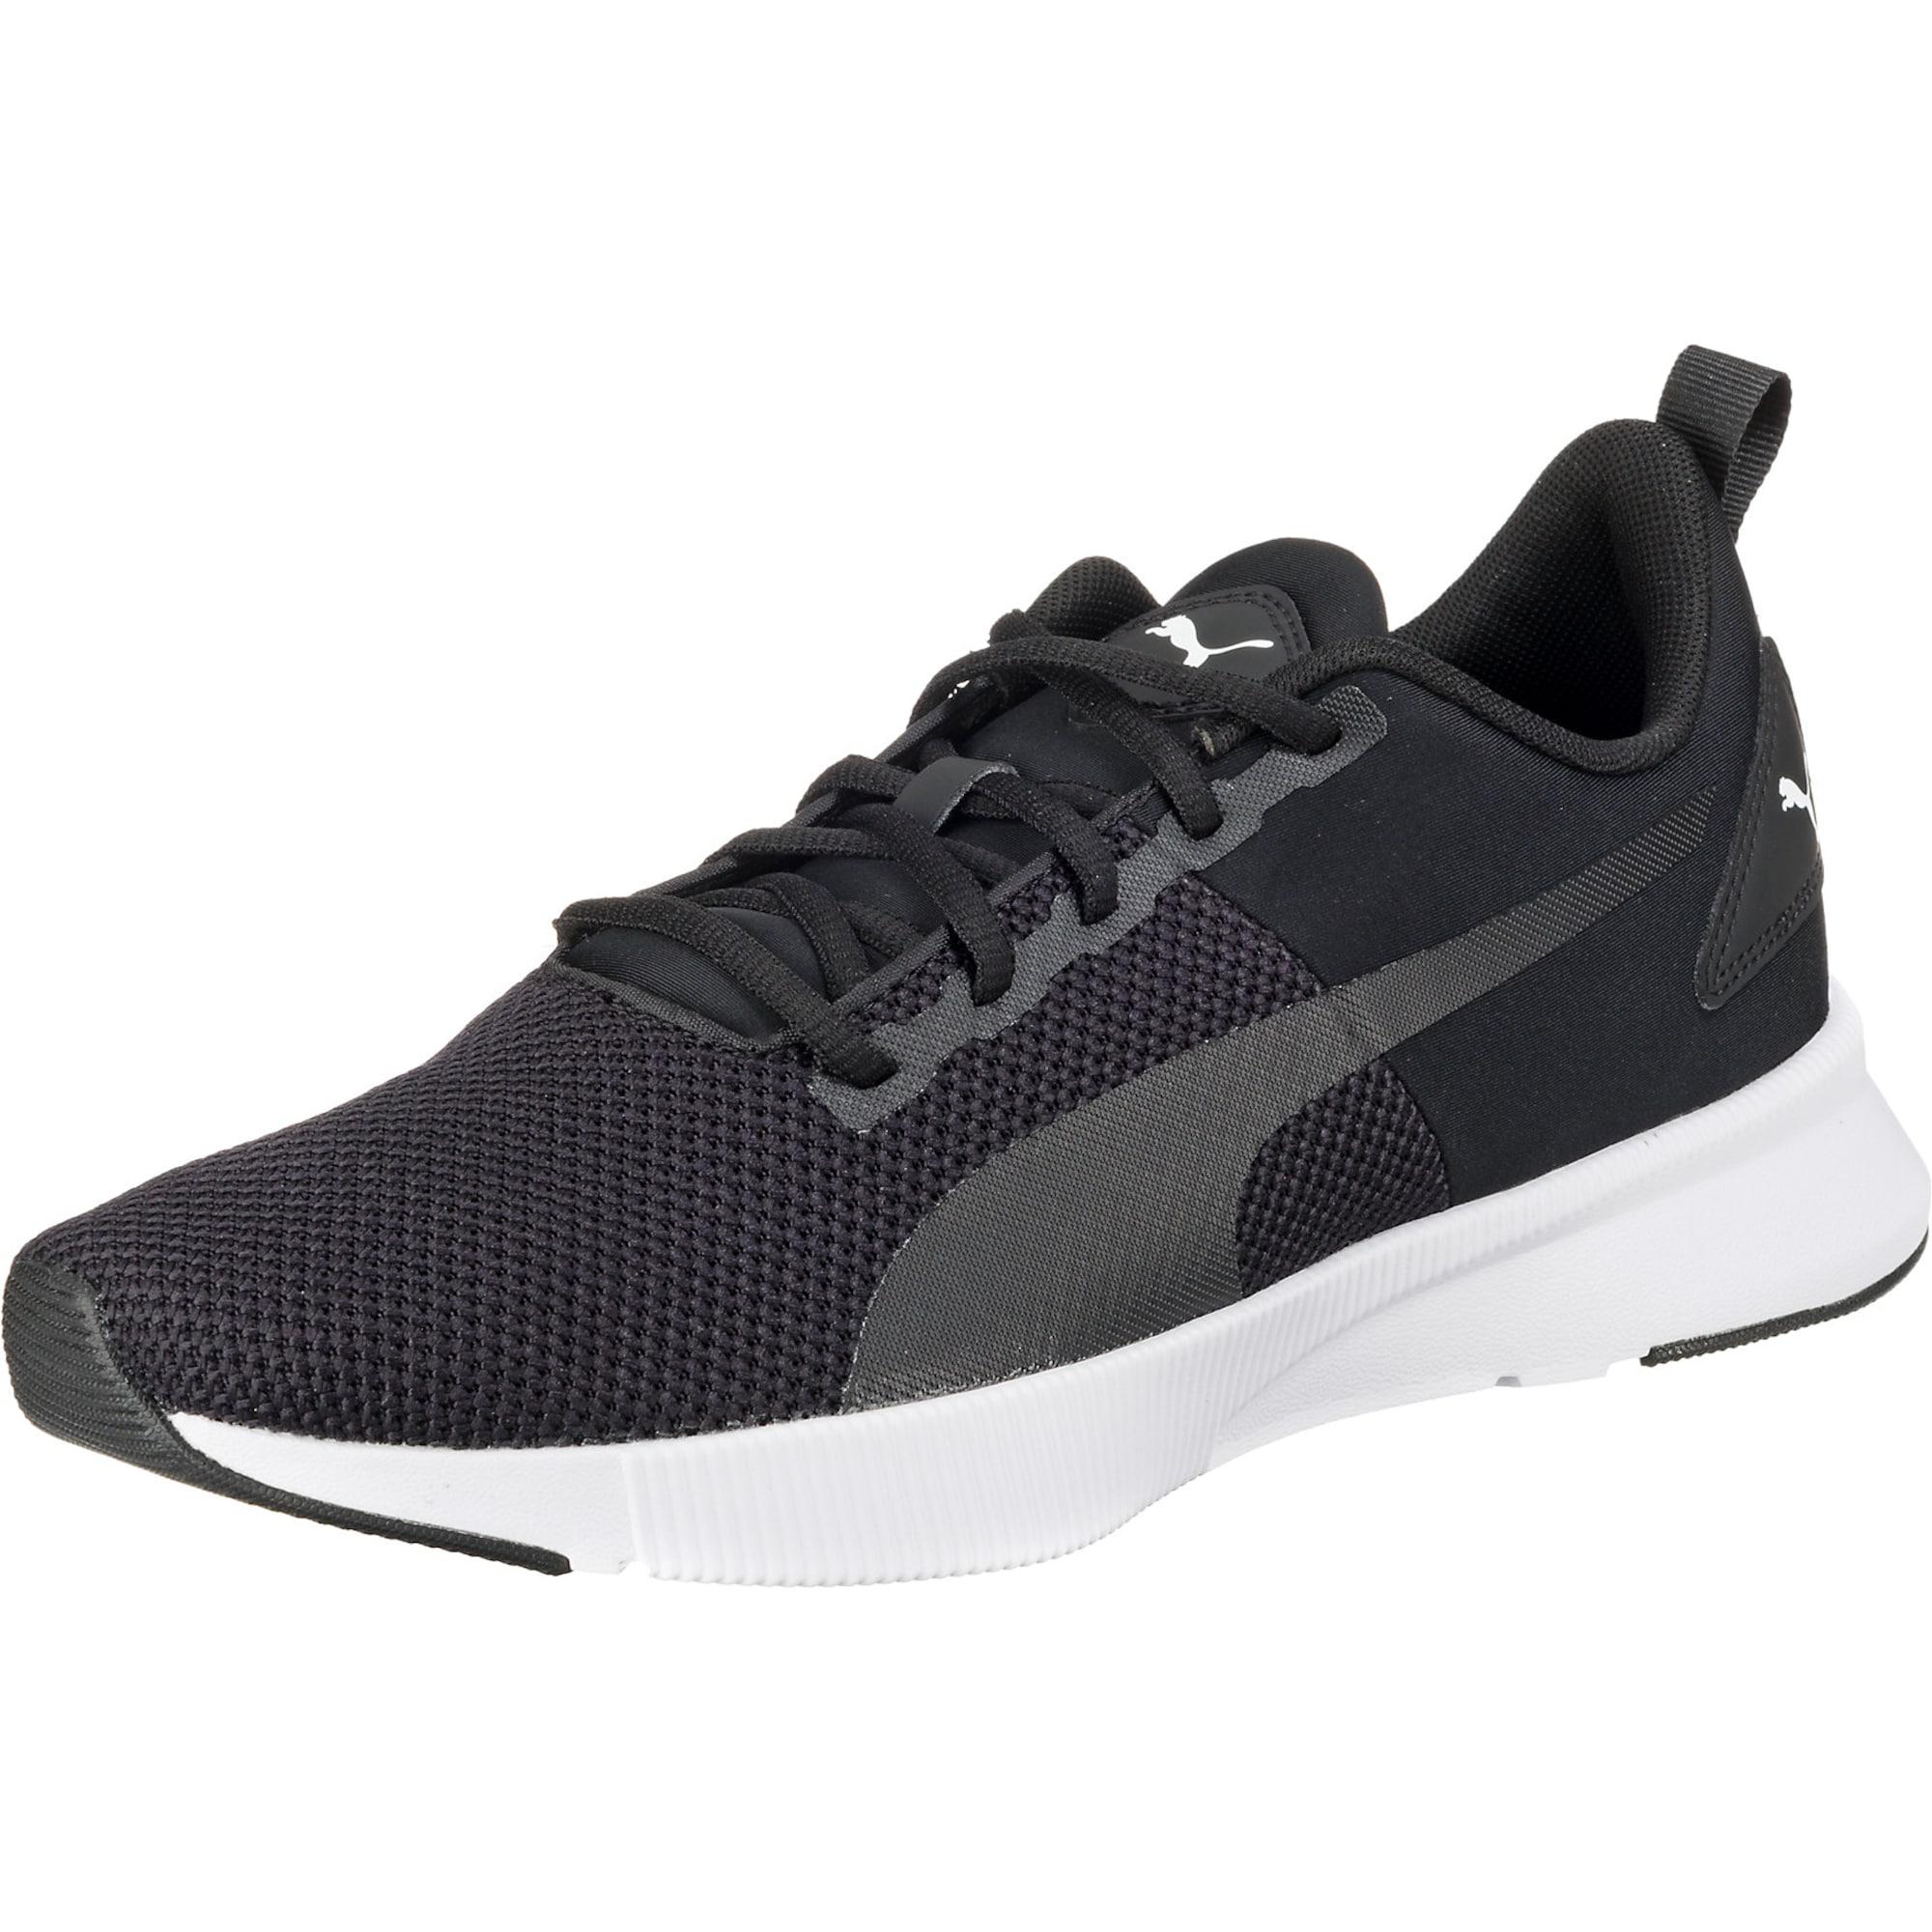 PUMA Bėgimo batai 'Flyer Runner' balta / juoda